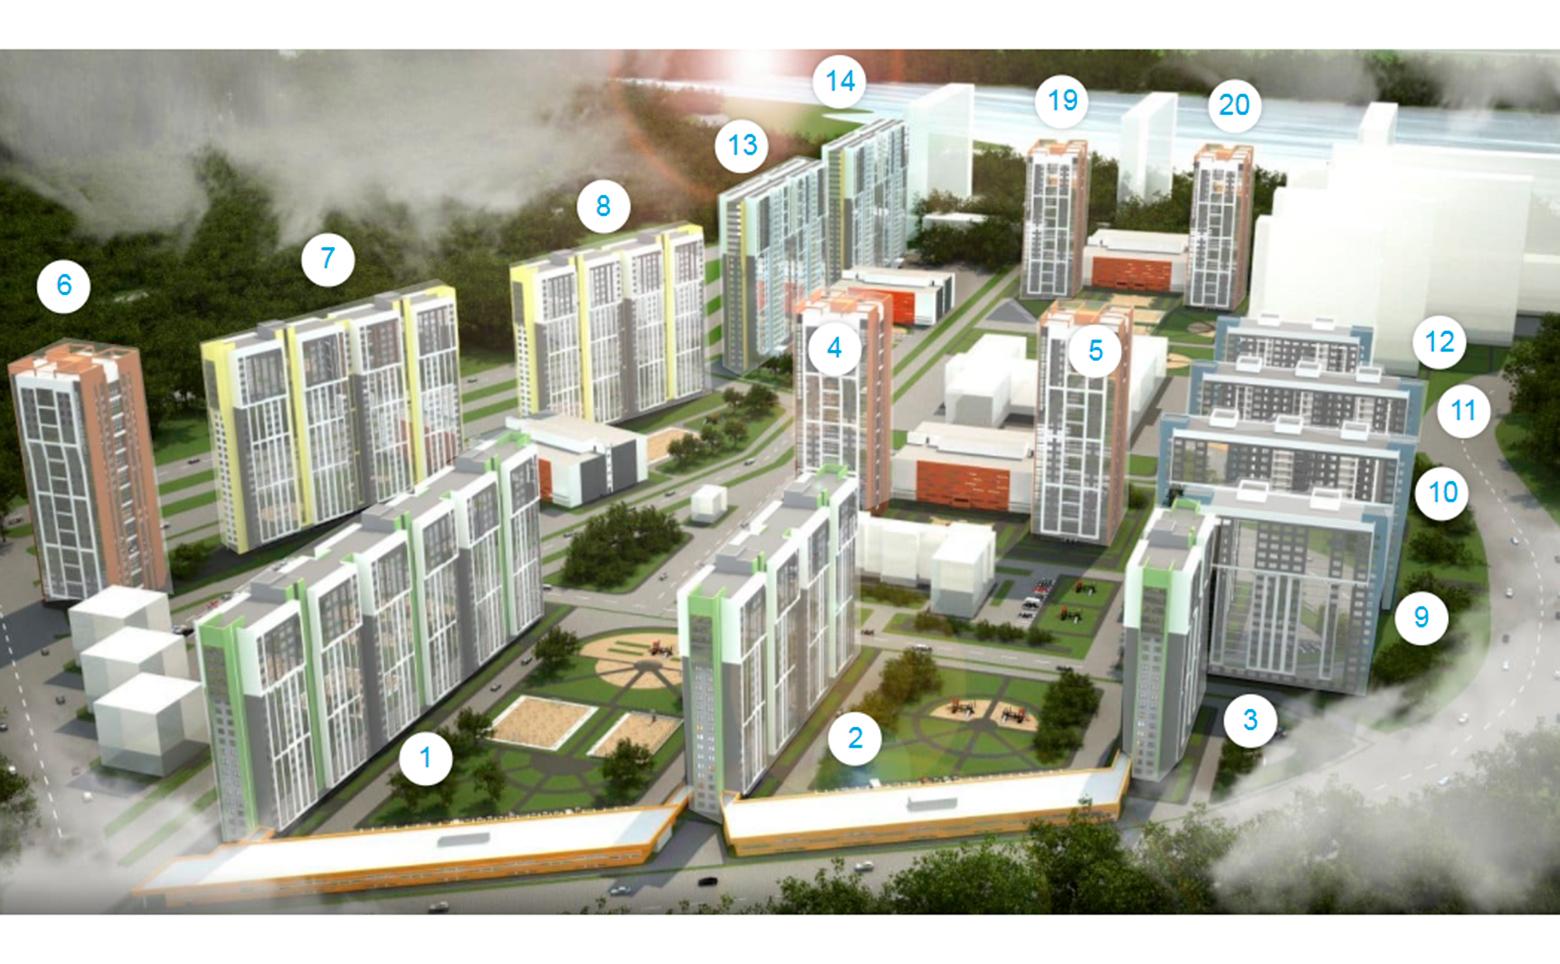 План жилого комплекса ЖК Шуваловский (NordEst)